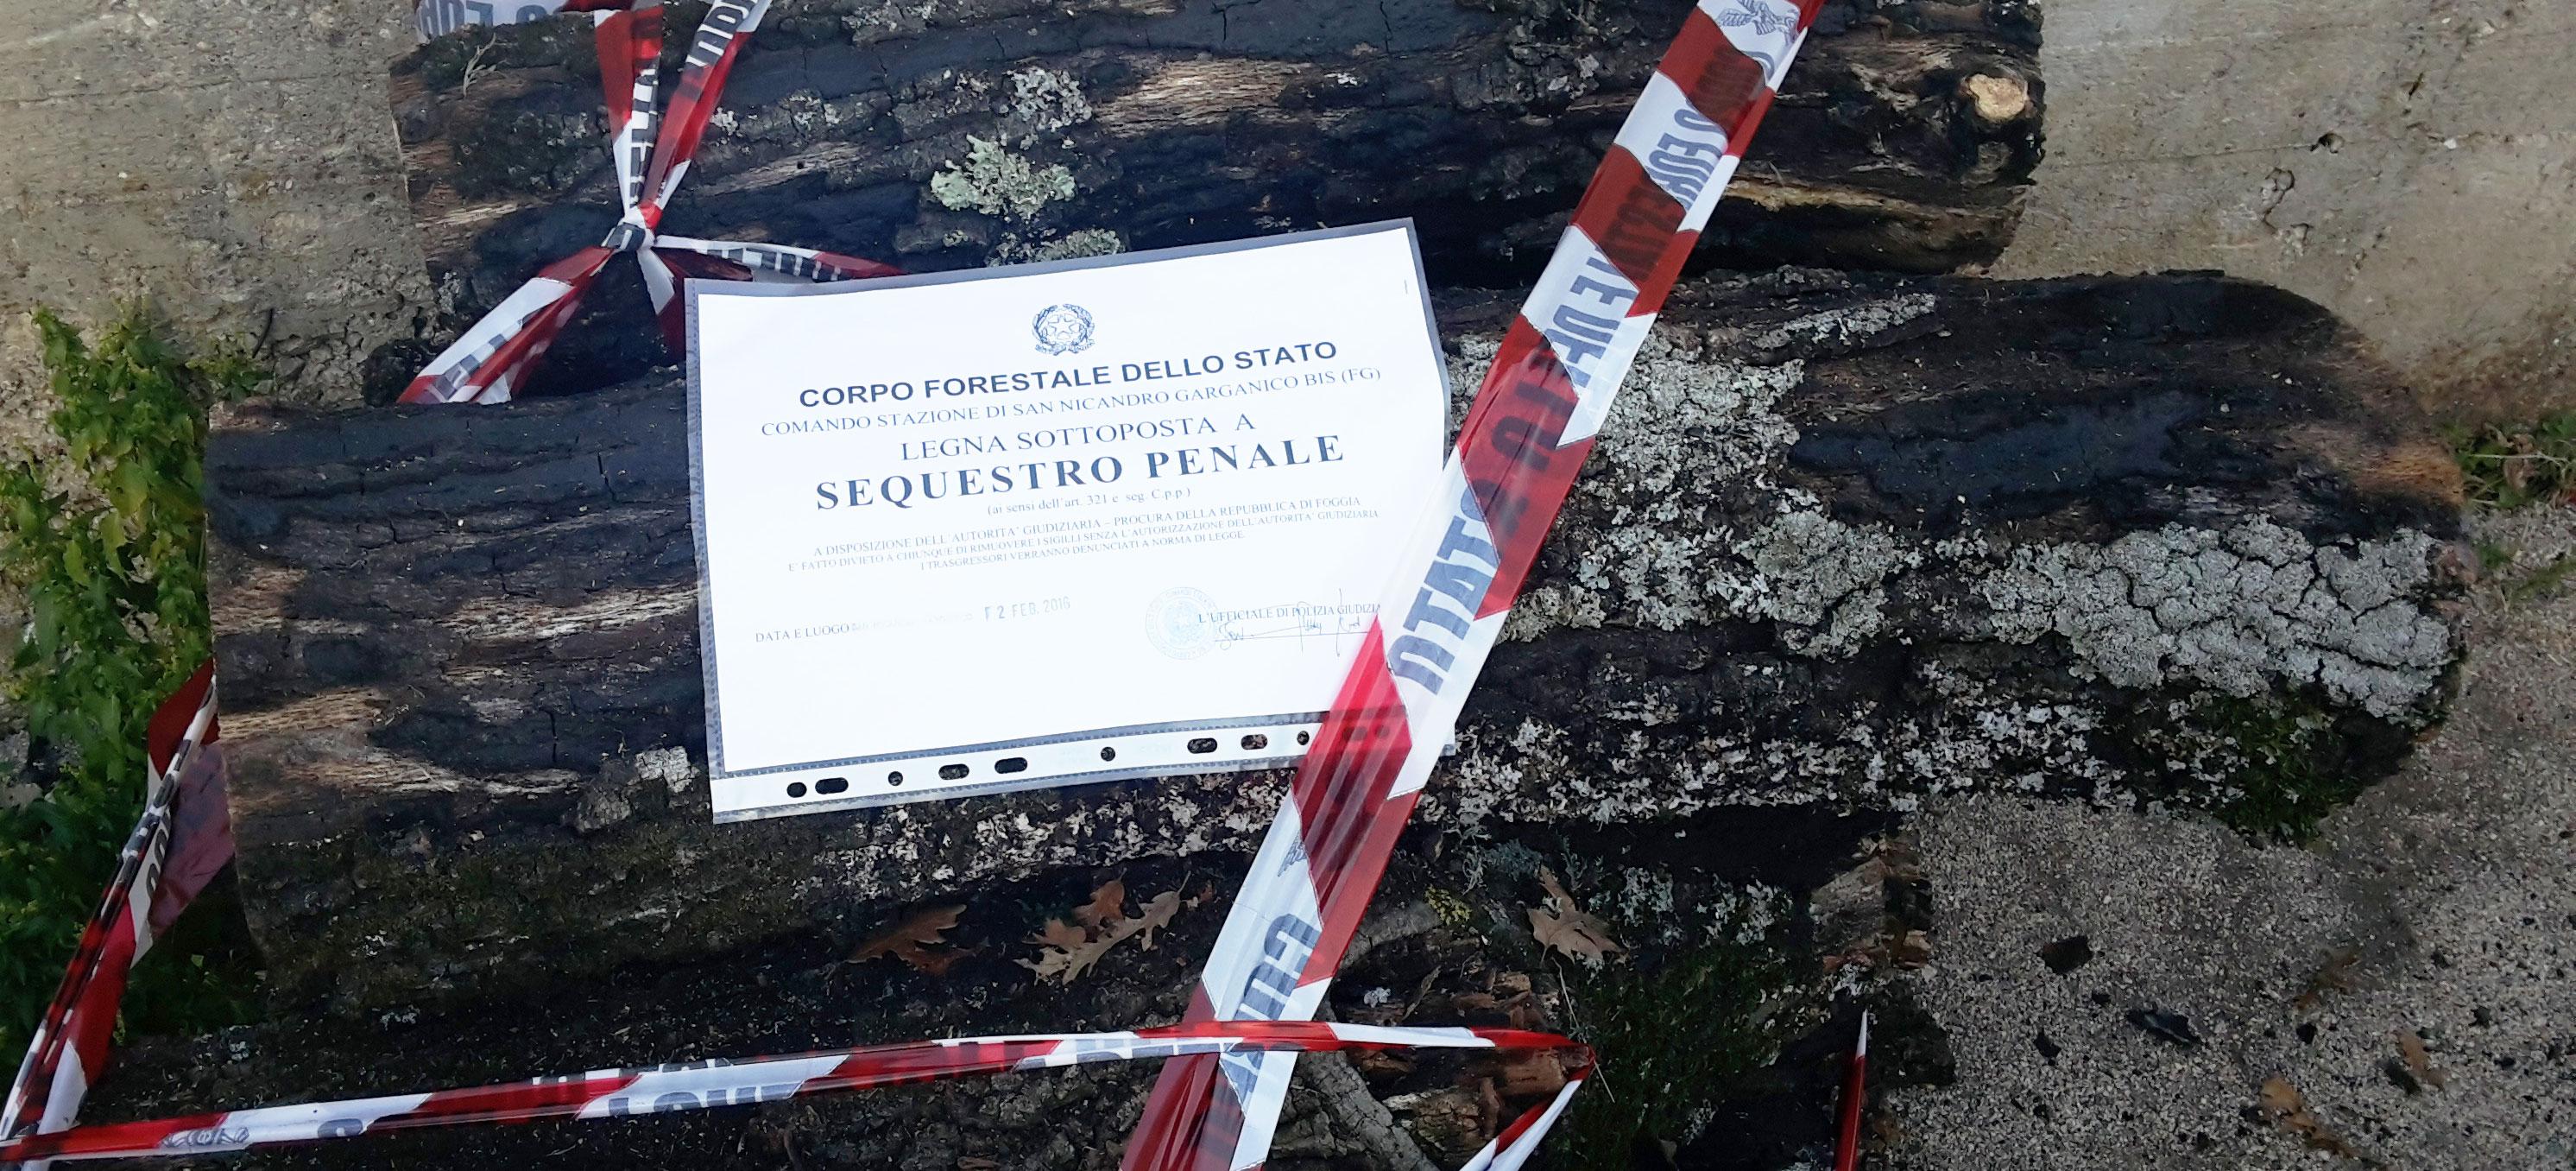 San Nicandro Garganico, Ambiente: Tagli abusivi nel Parco del Gargano